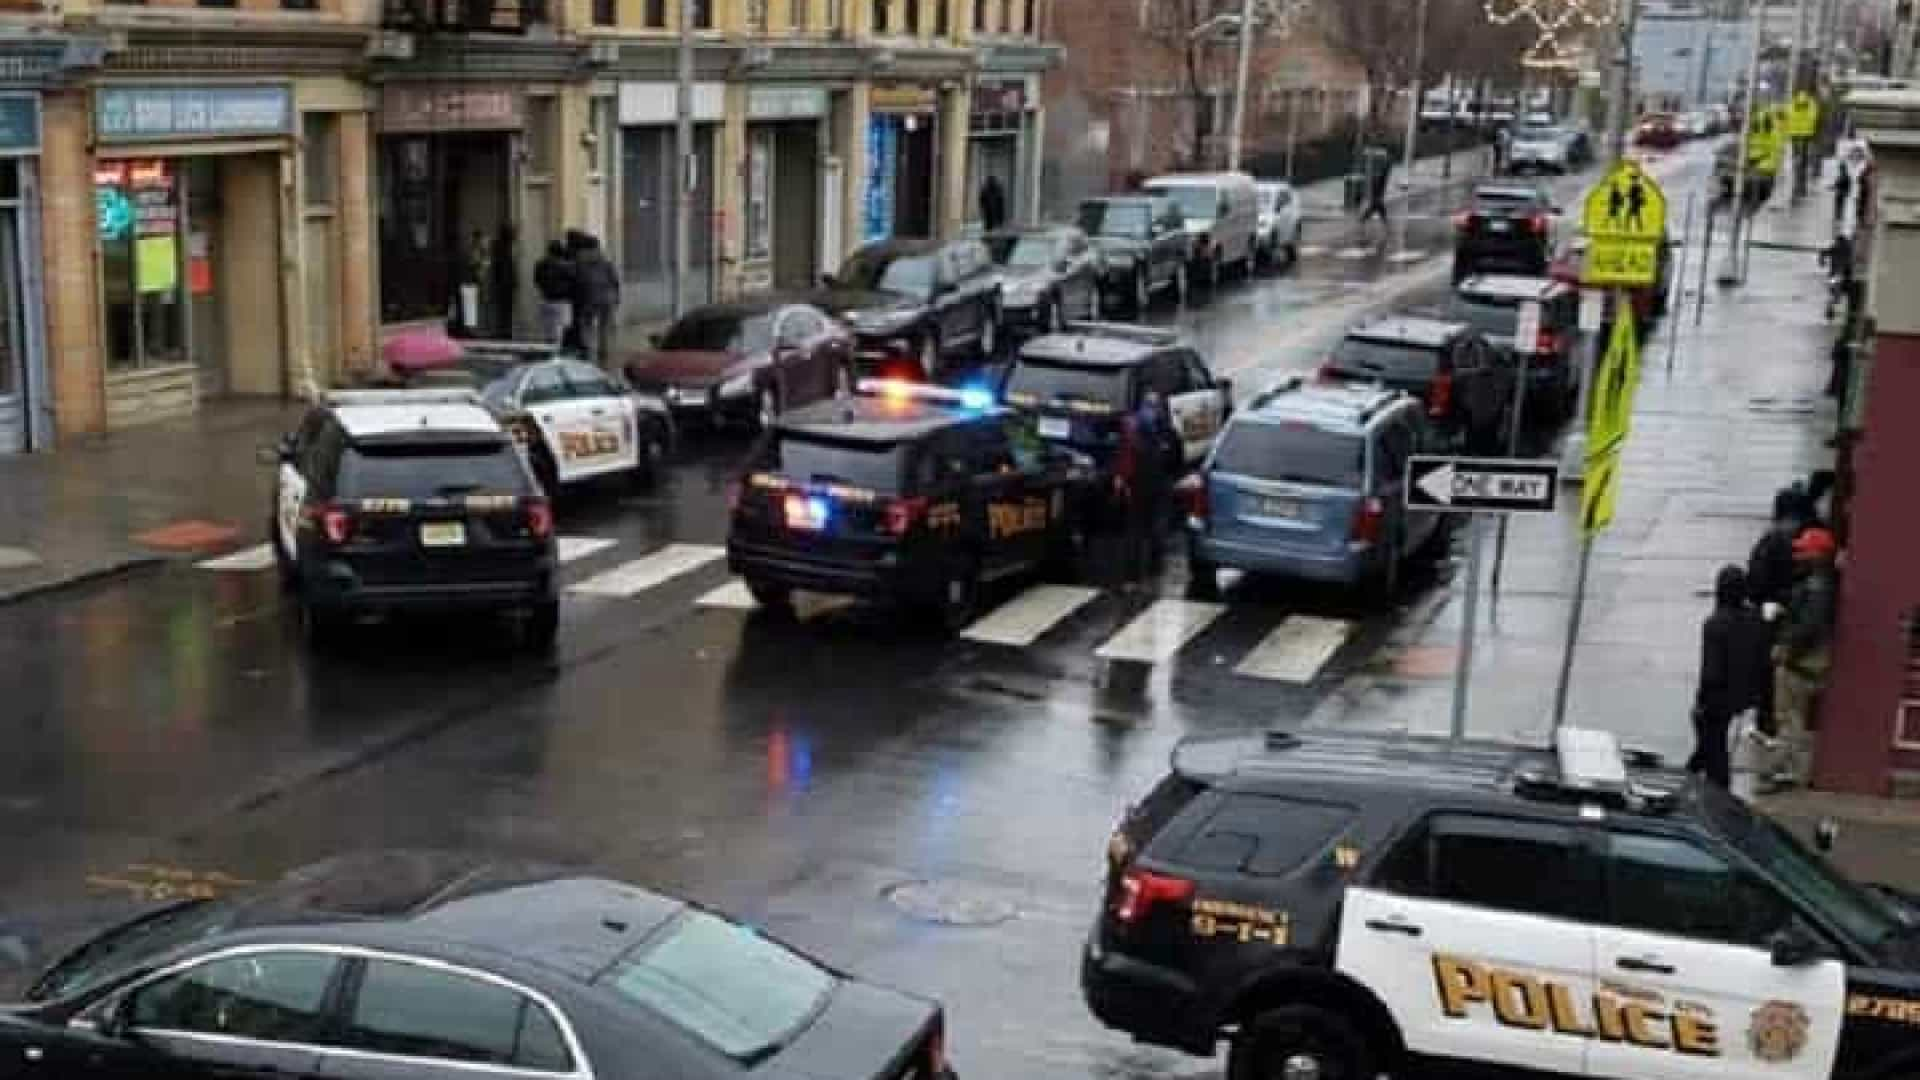 Pelo seis pessoas mortas em tiroteio em Nova Jersey